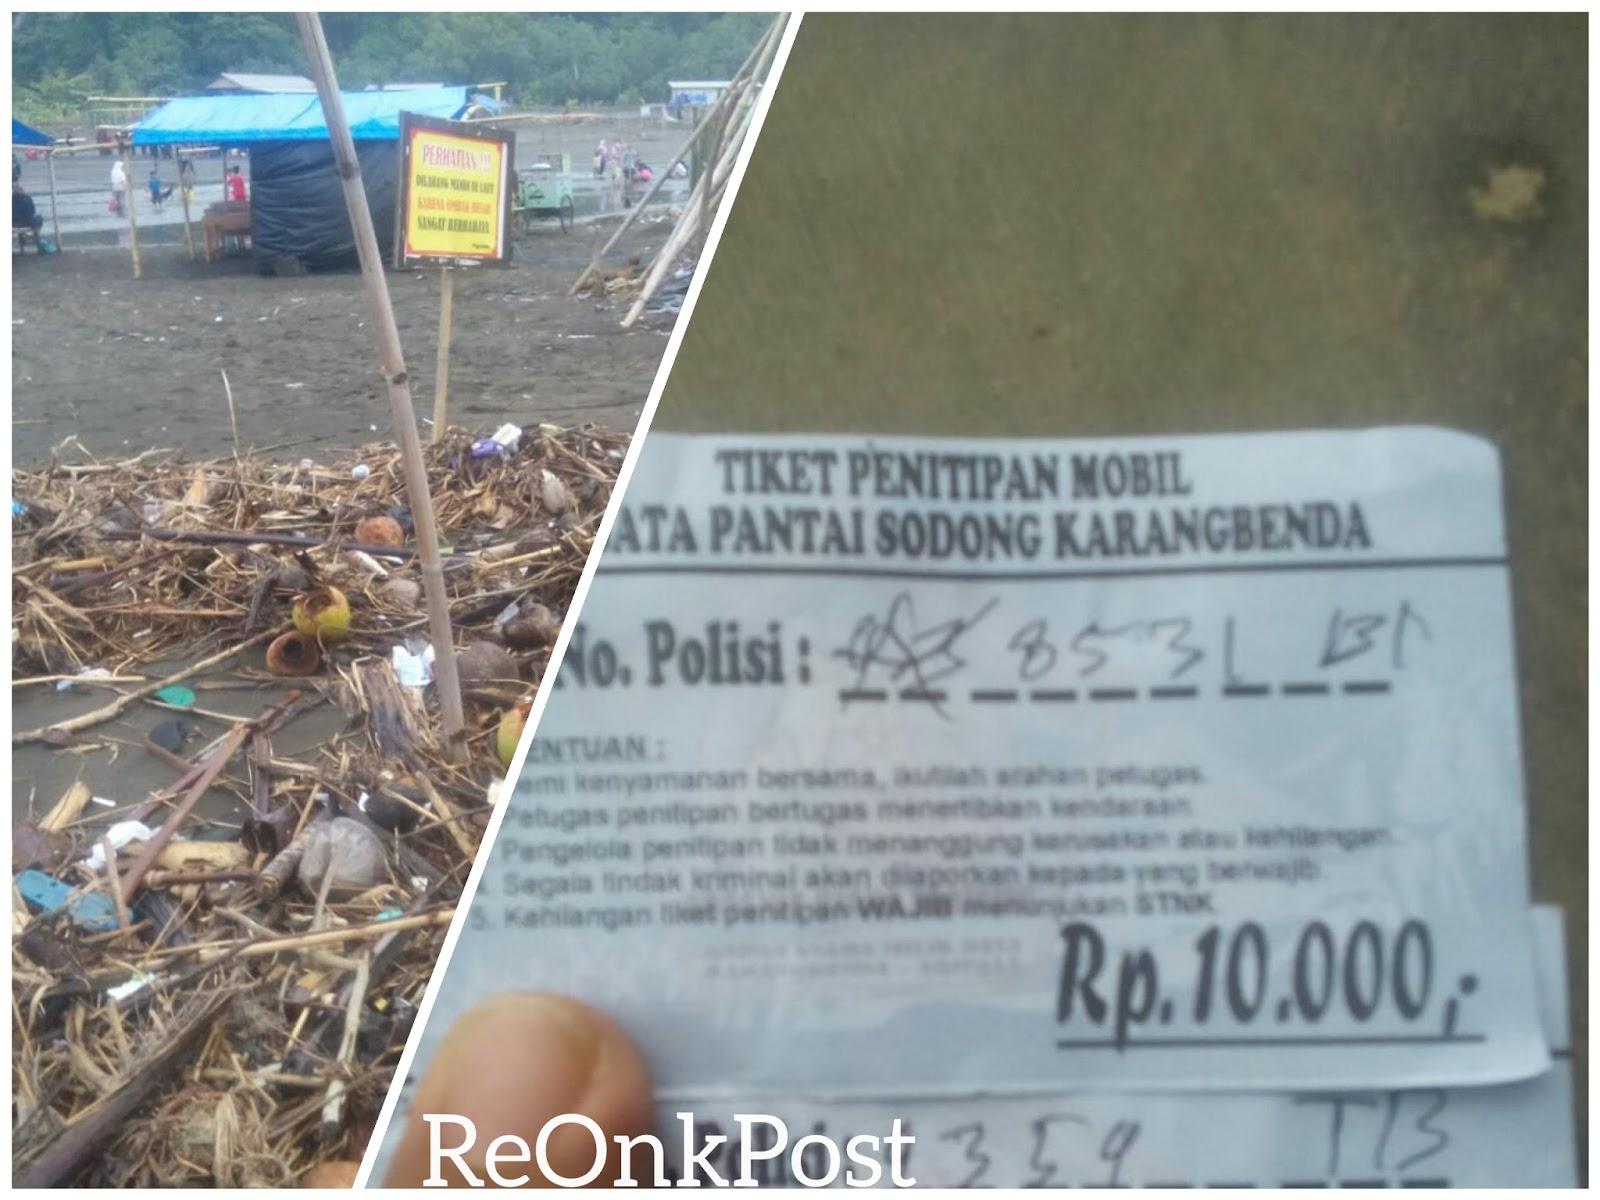 Soal Tiket Sampah Pantai Sodong Kembali Jadi Viral Kab Cilacap